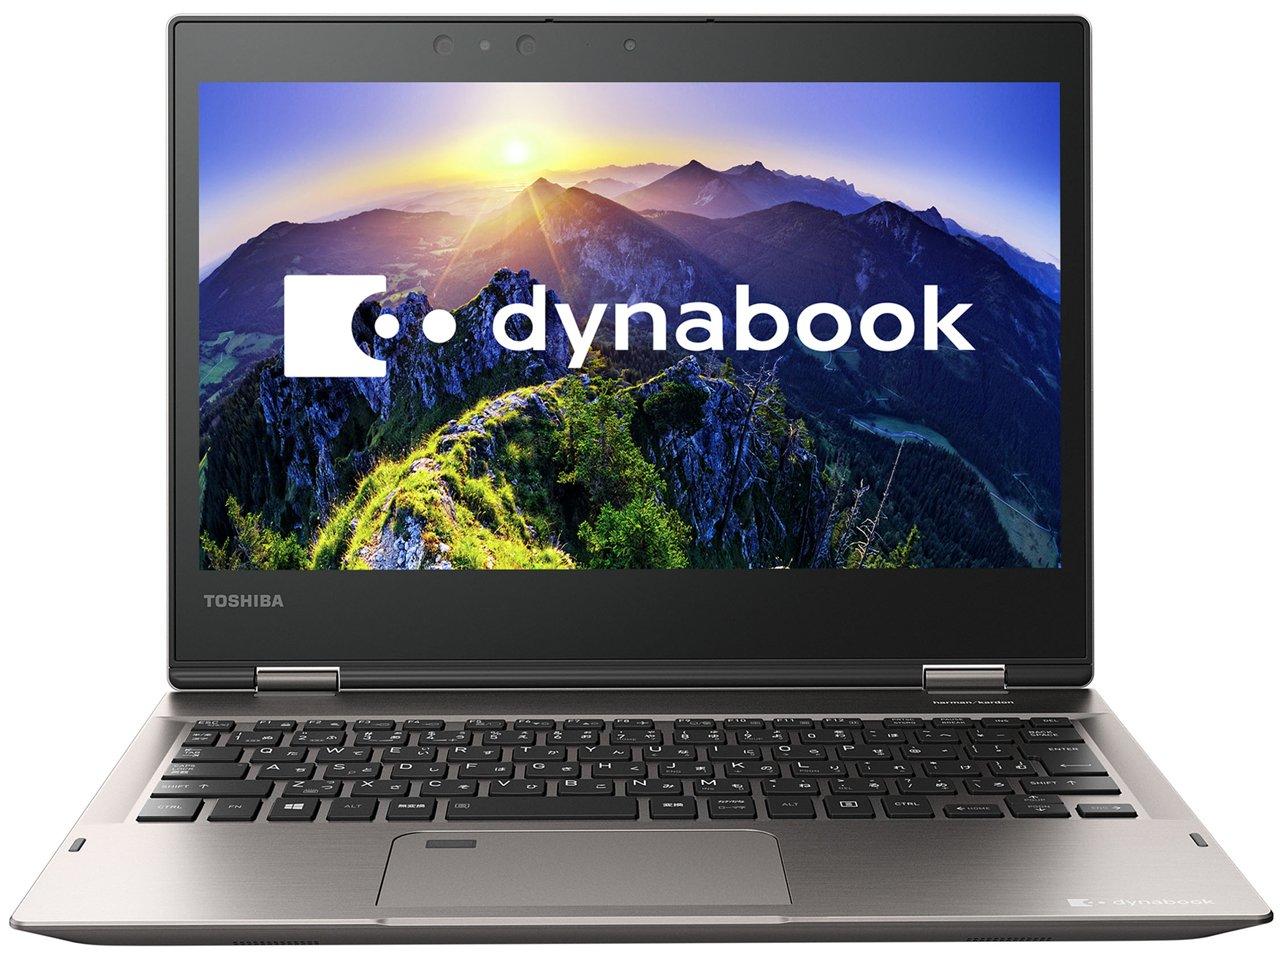 品質一番の 東芝 高性能モバイルノートパソコン PV82BMP-NJA dynabook B01NGT8AO6 東芝 オニキスメタリック PV82BMP-NJA B01NGT8AO6, ホスピマート:b75d711d --- ballyshannonshow.com